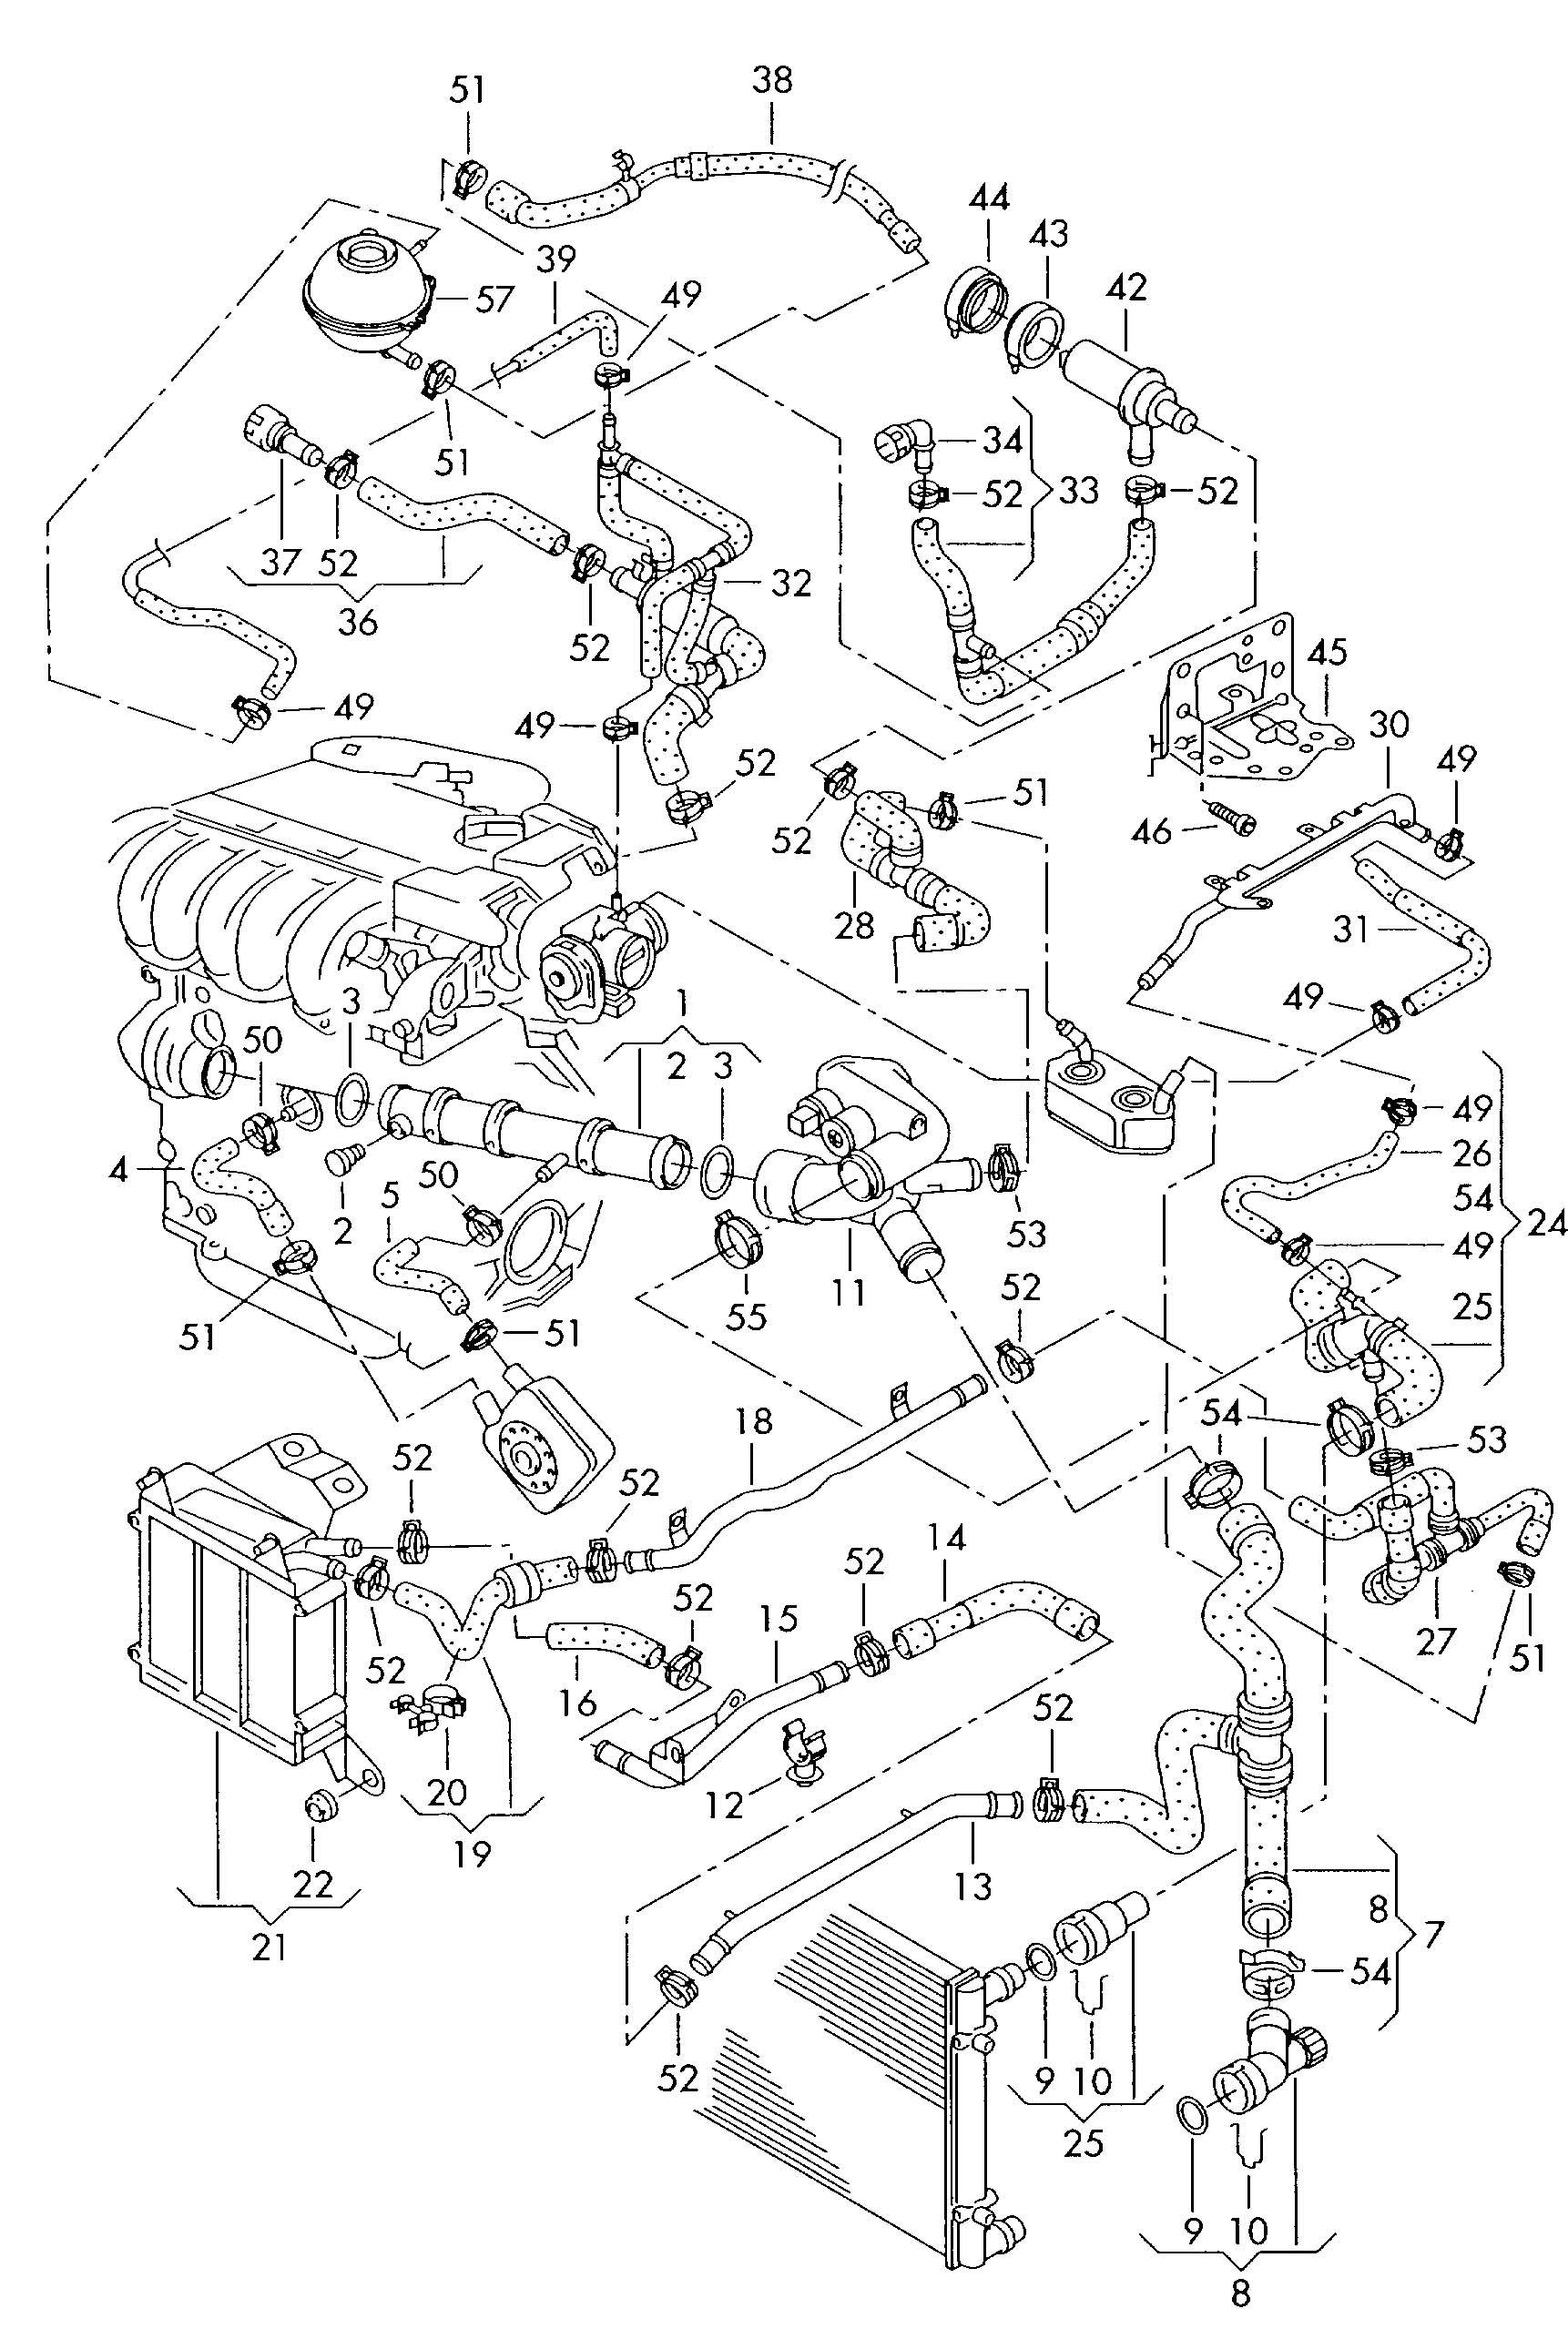 2001 jetta vr6 engine diagram techbentleypublisherscom thread